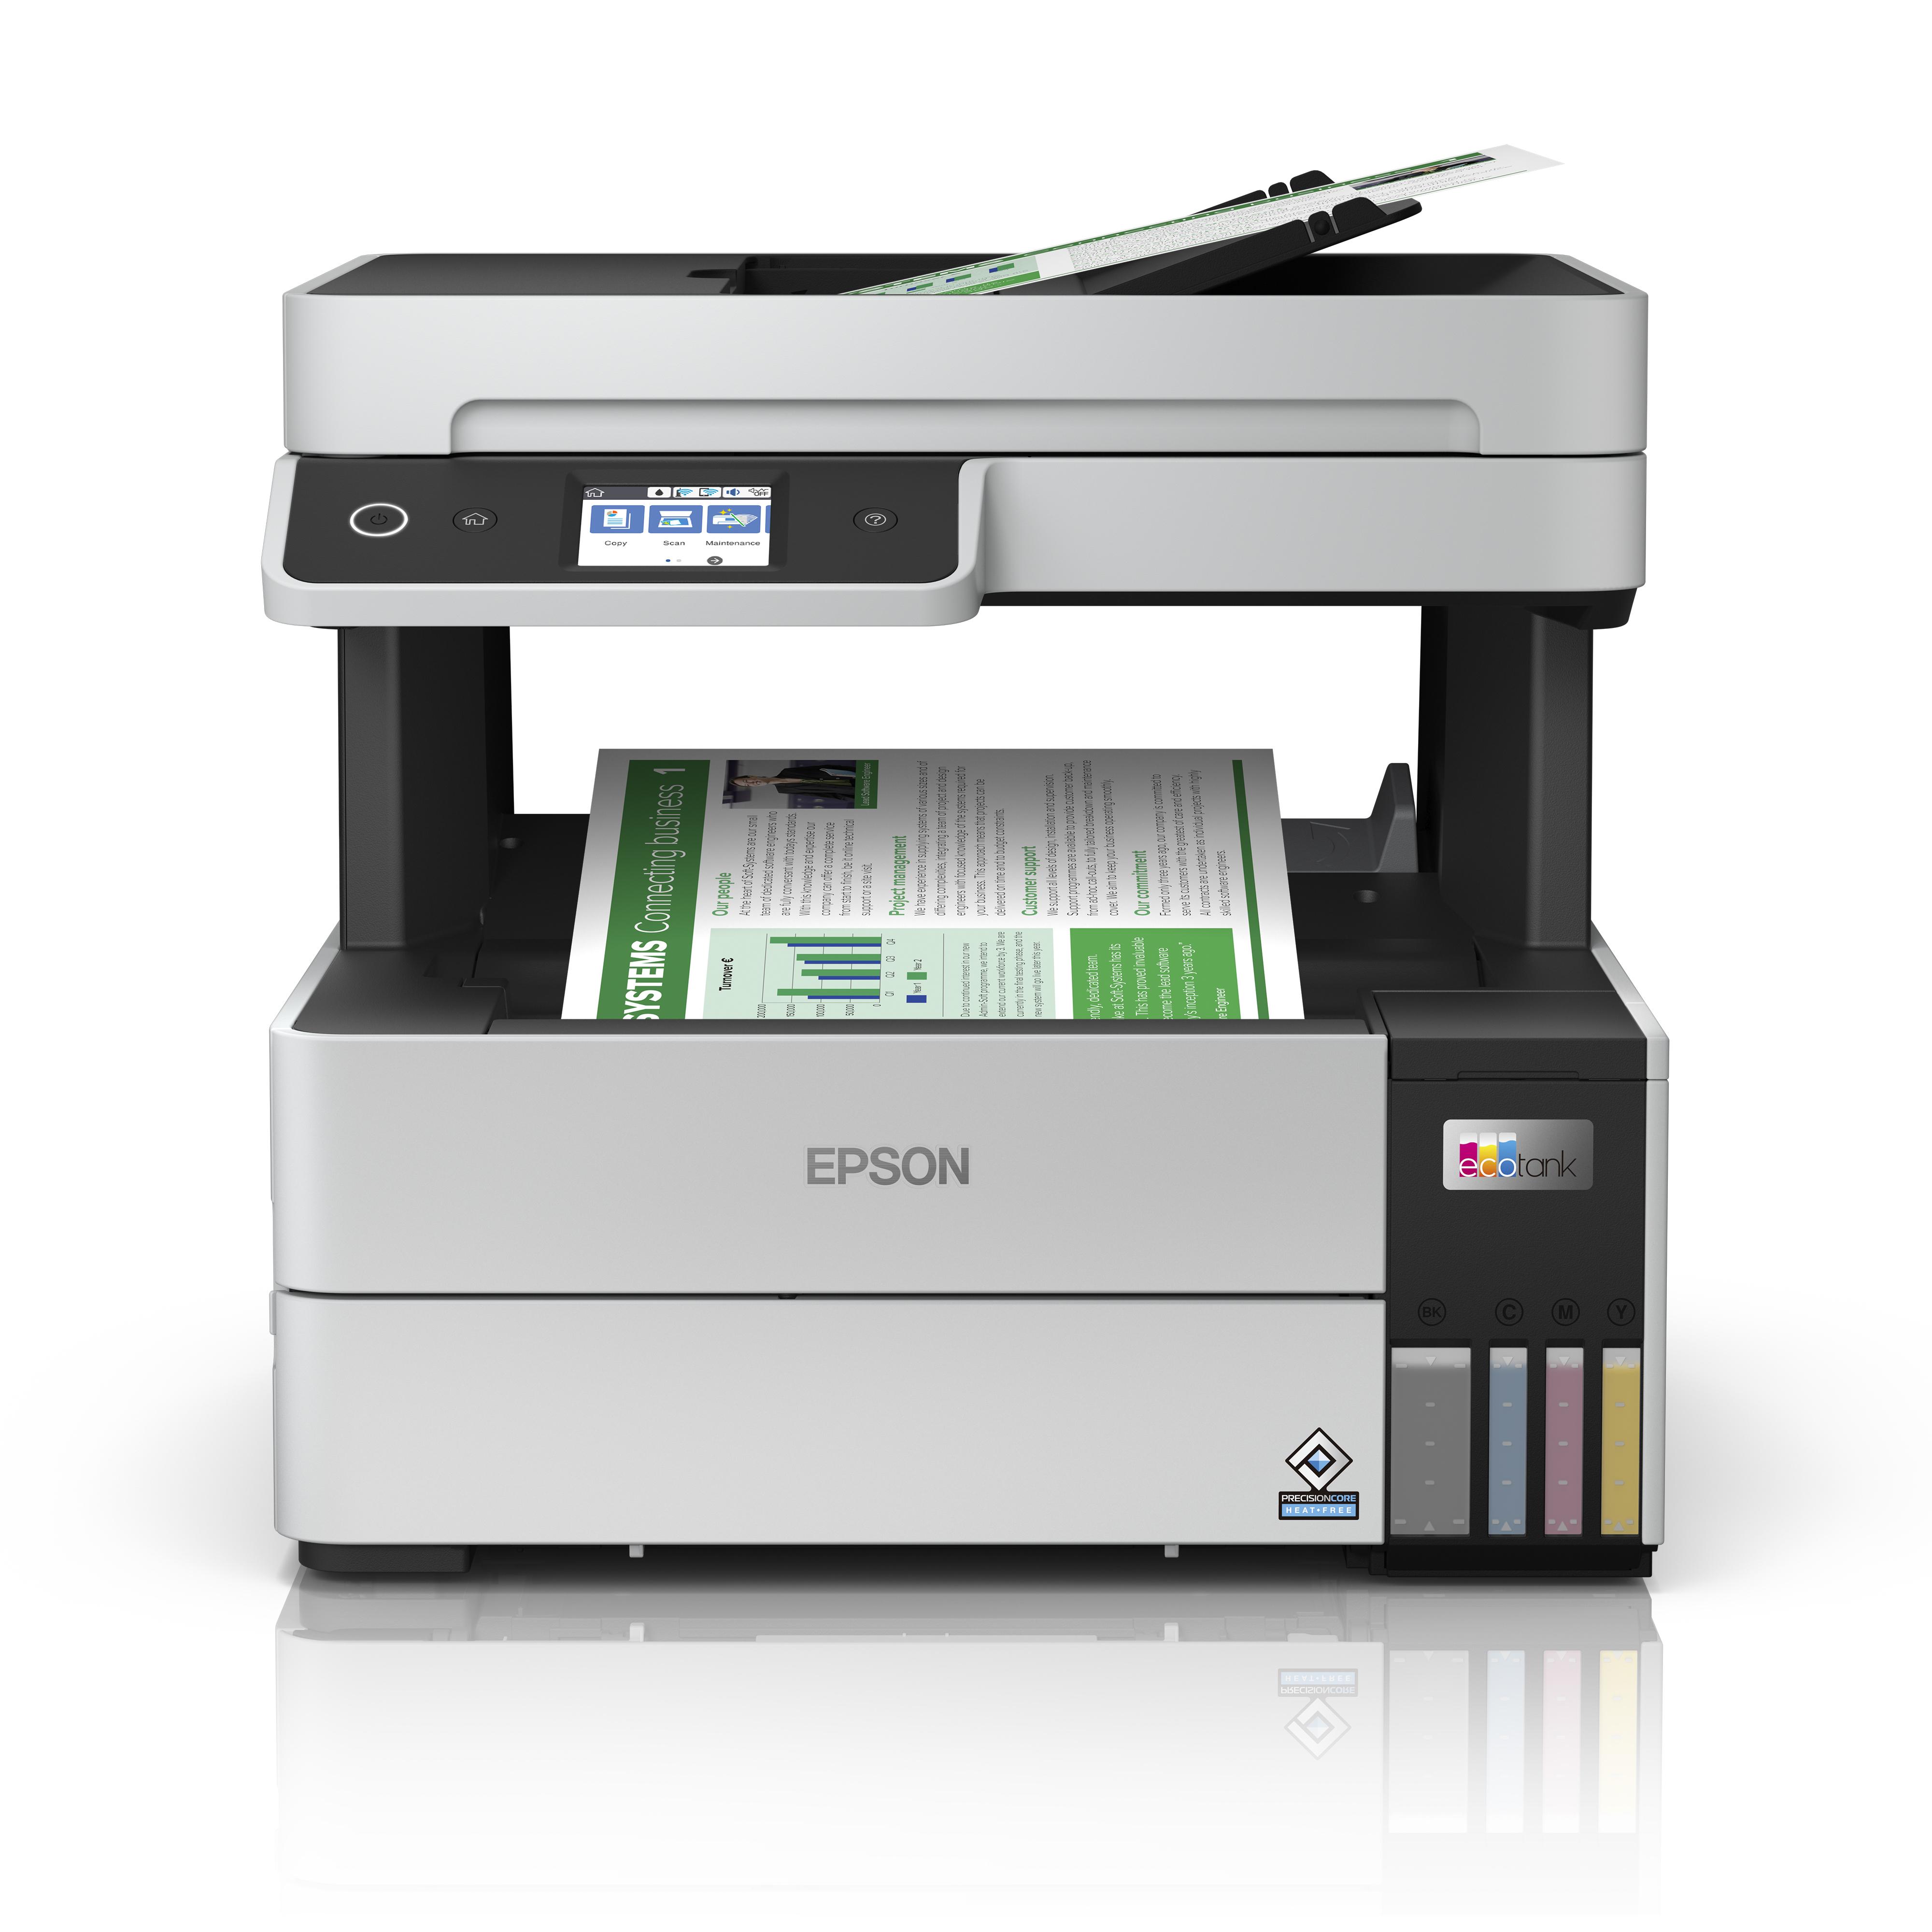 Epson EcoTank ET-5150 Blekkdyse A4 4800 x 1200 DPI 37 ppm Wi-Fi